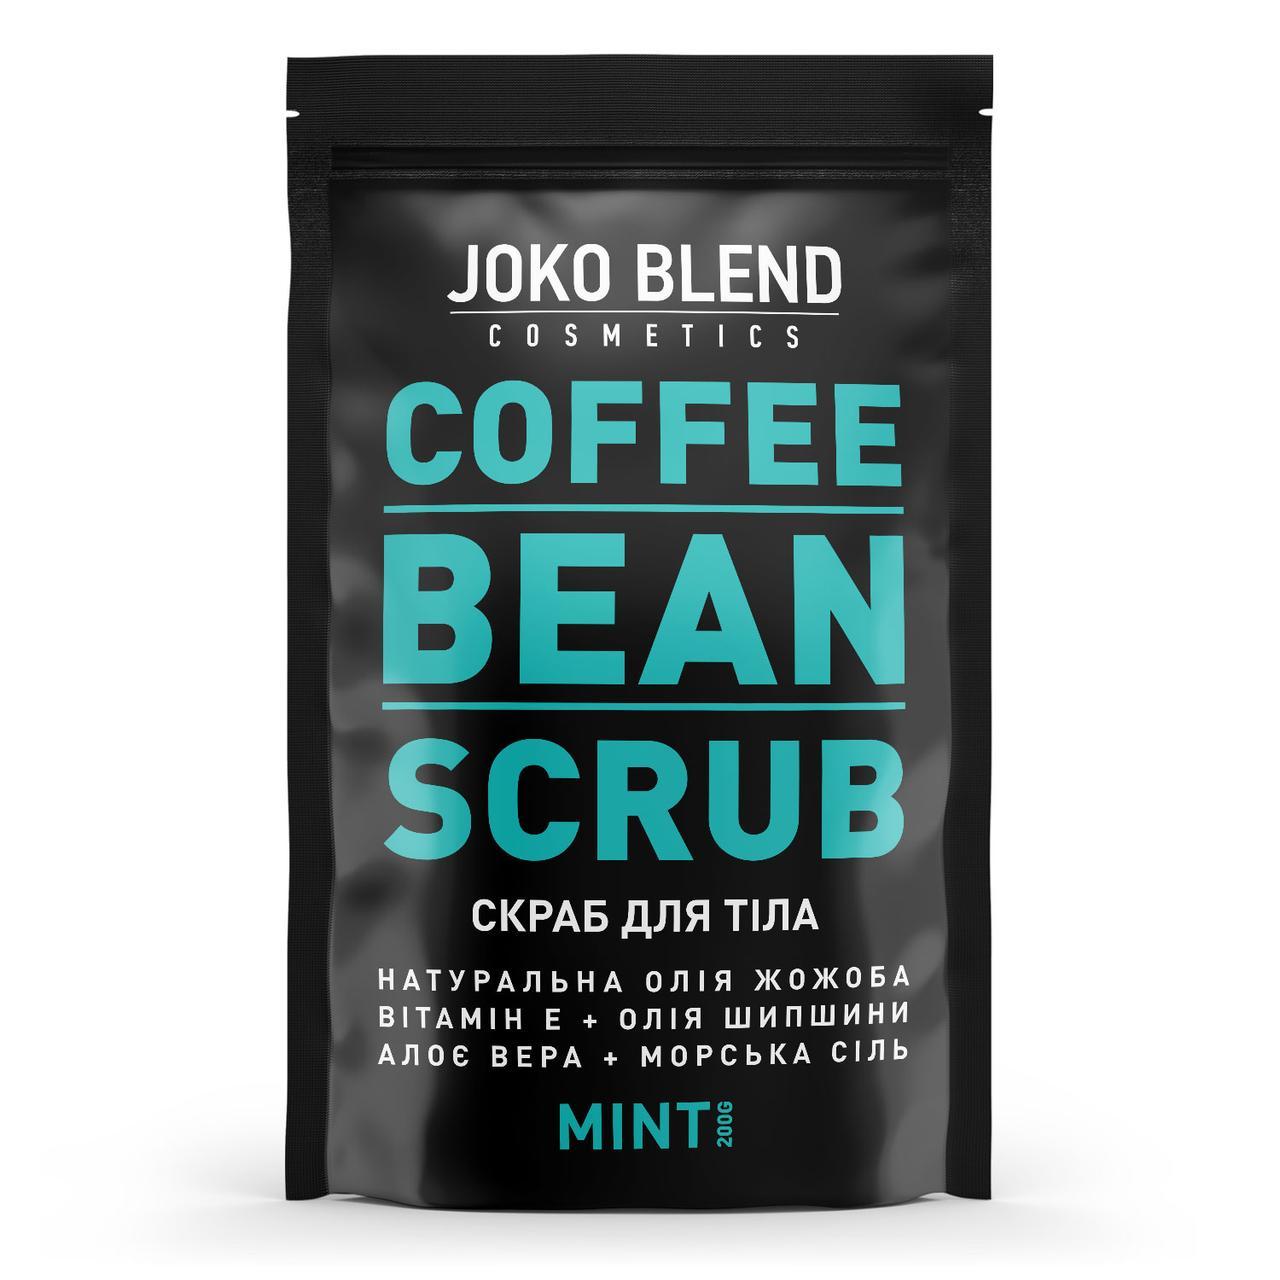 Кофейный скраб для тела смятой Joko Blend Coffee Bean Scrub Mint